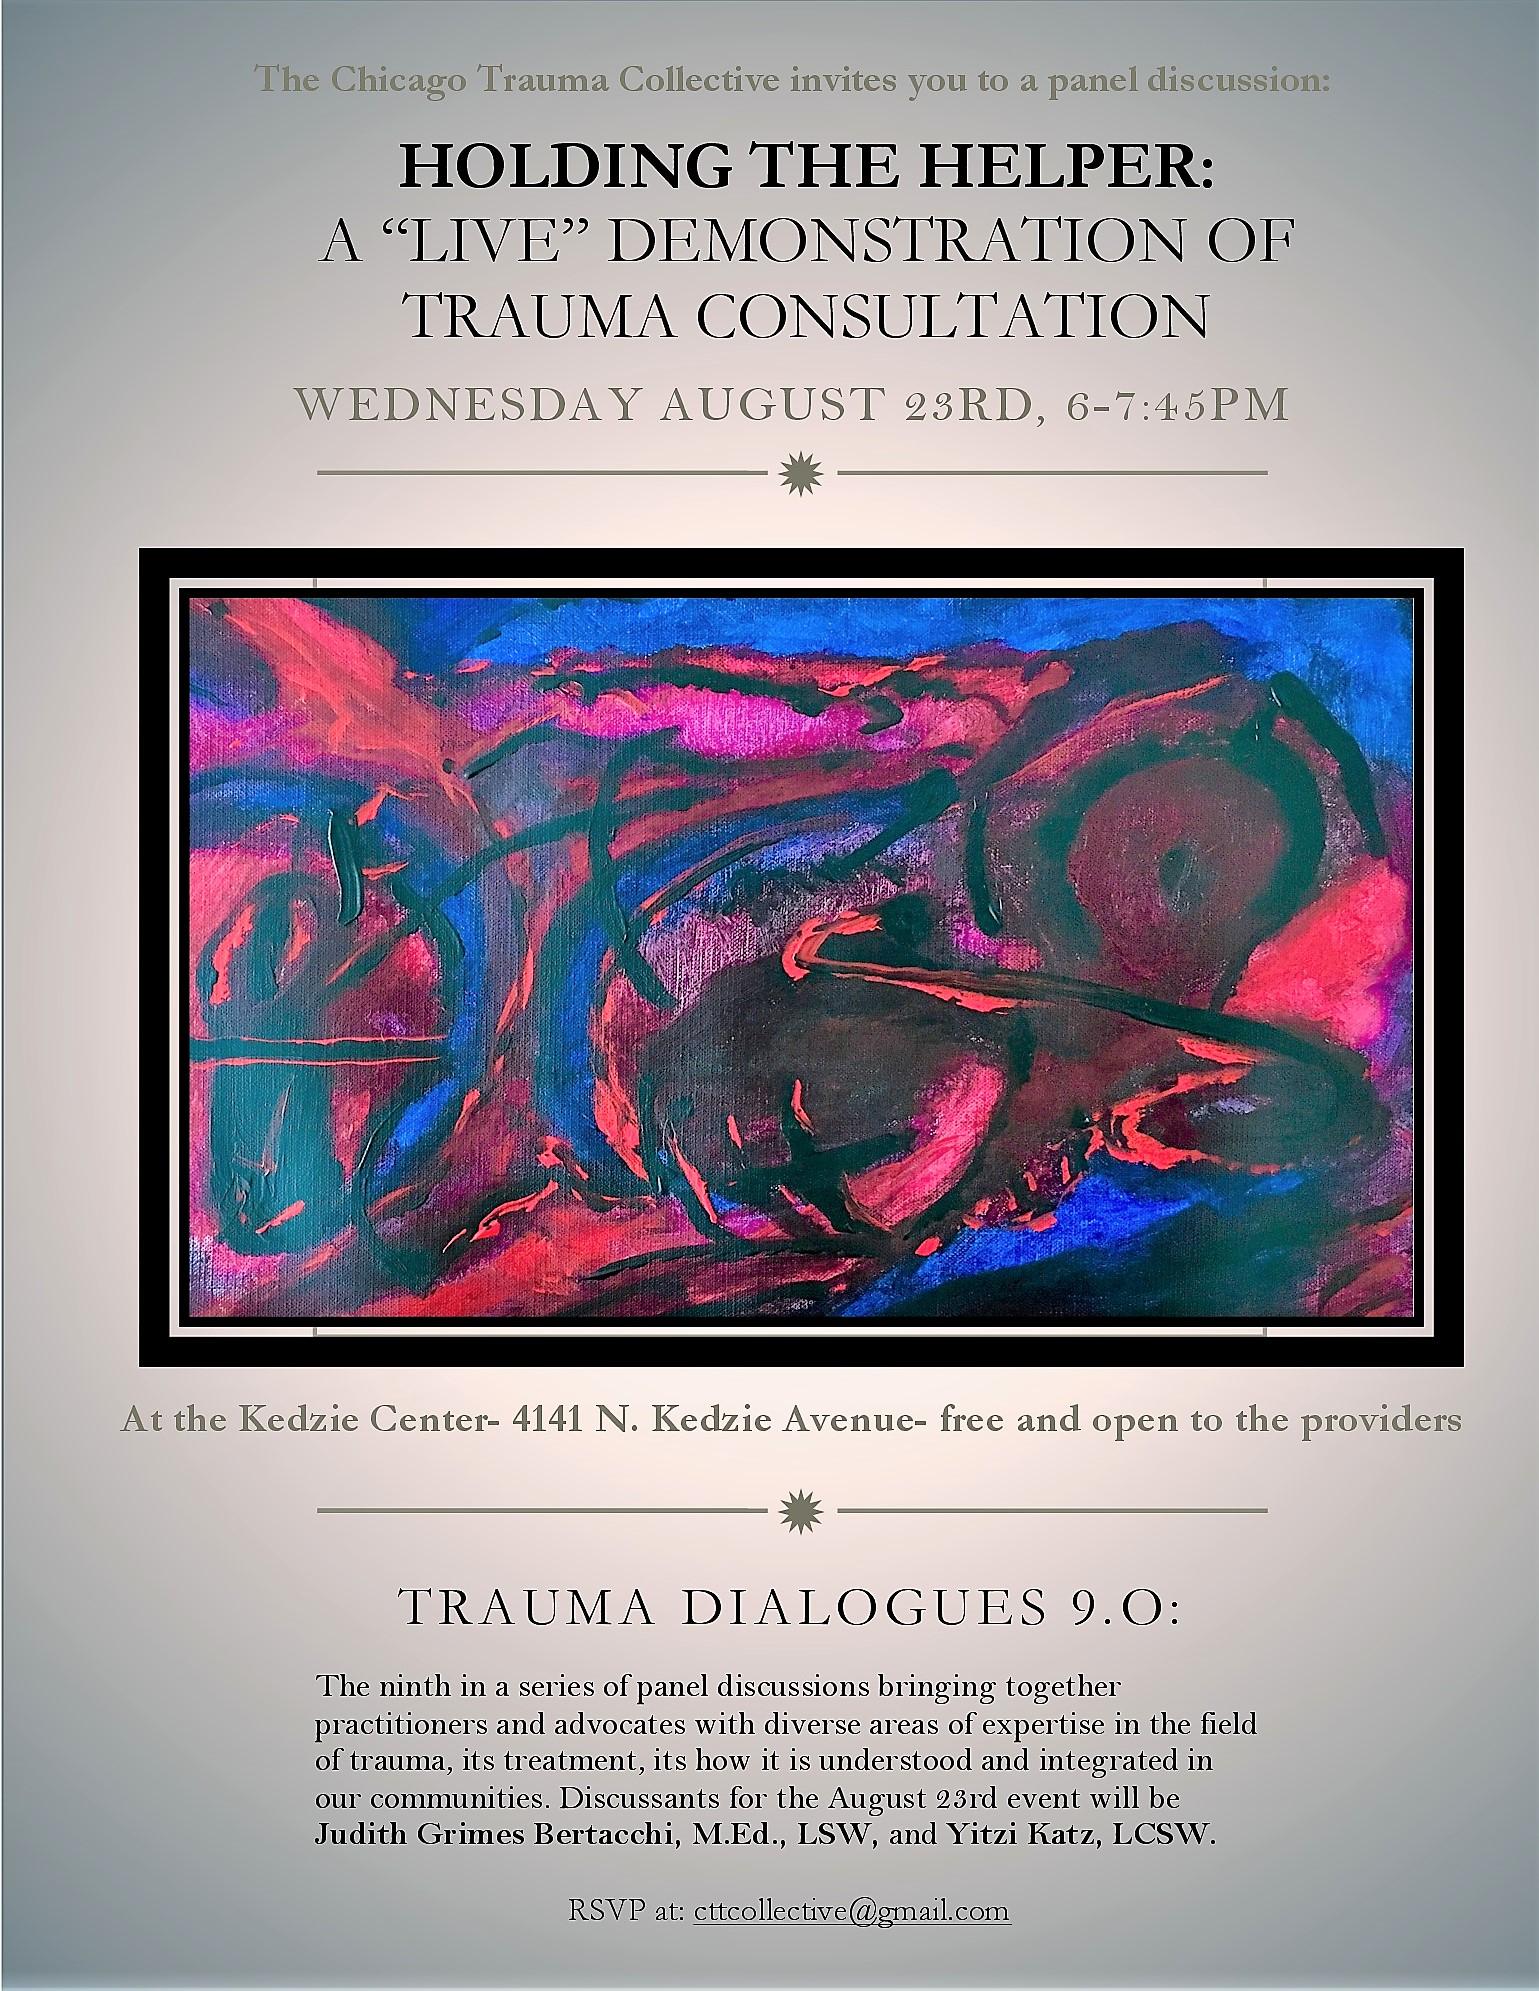 Trauma Dialogue 9.0.jpg